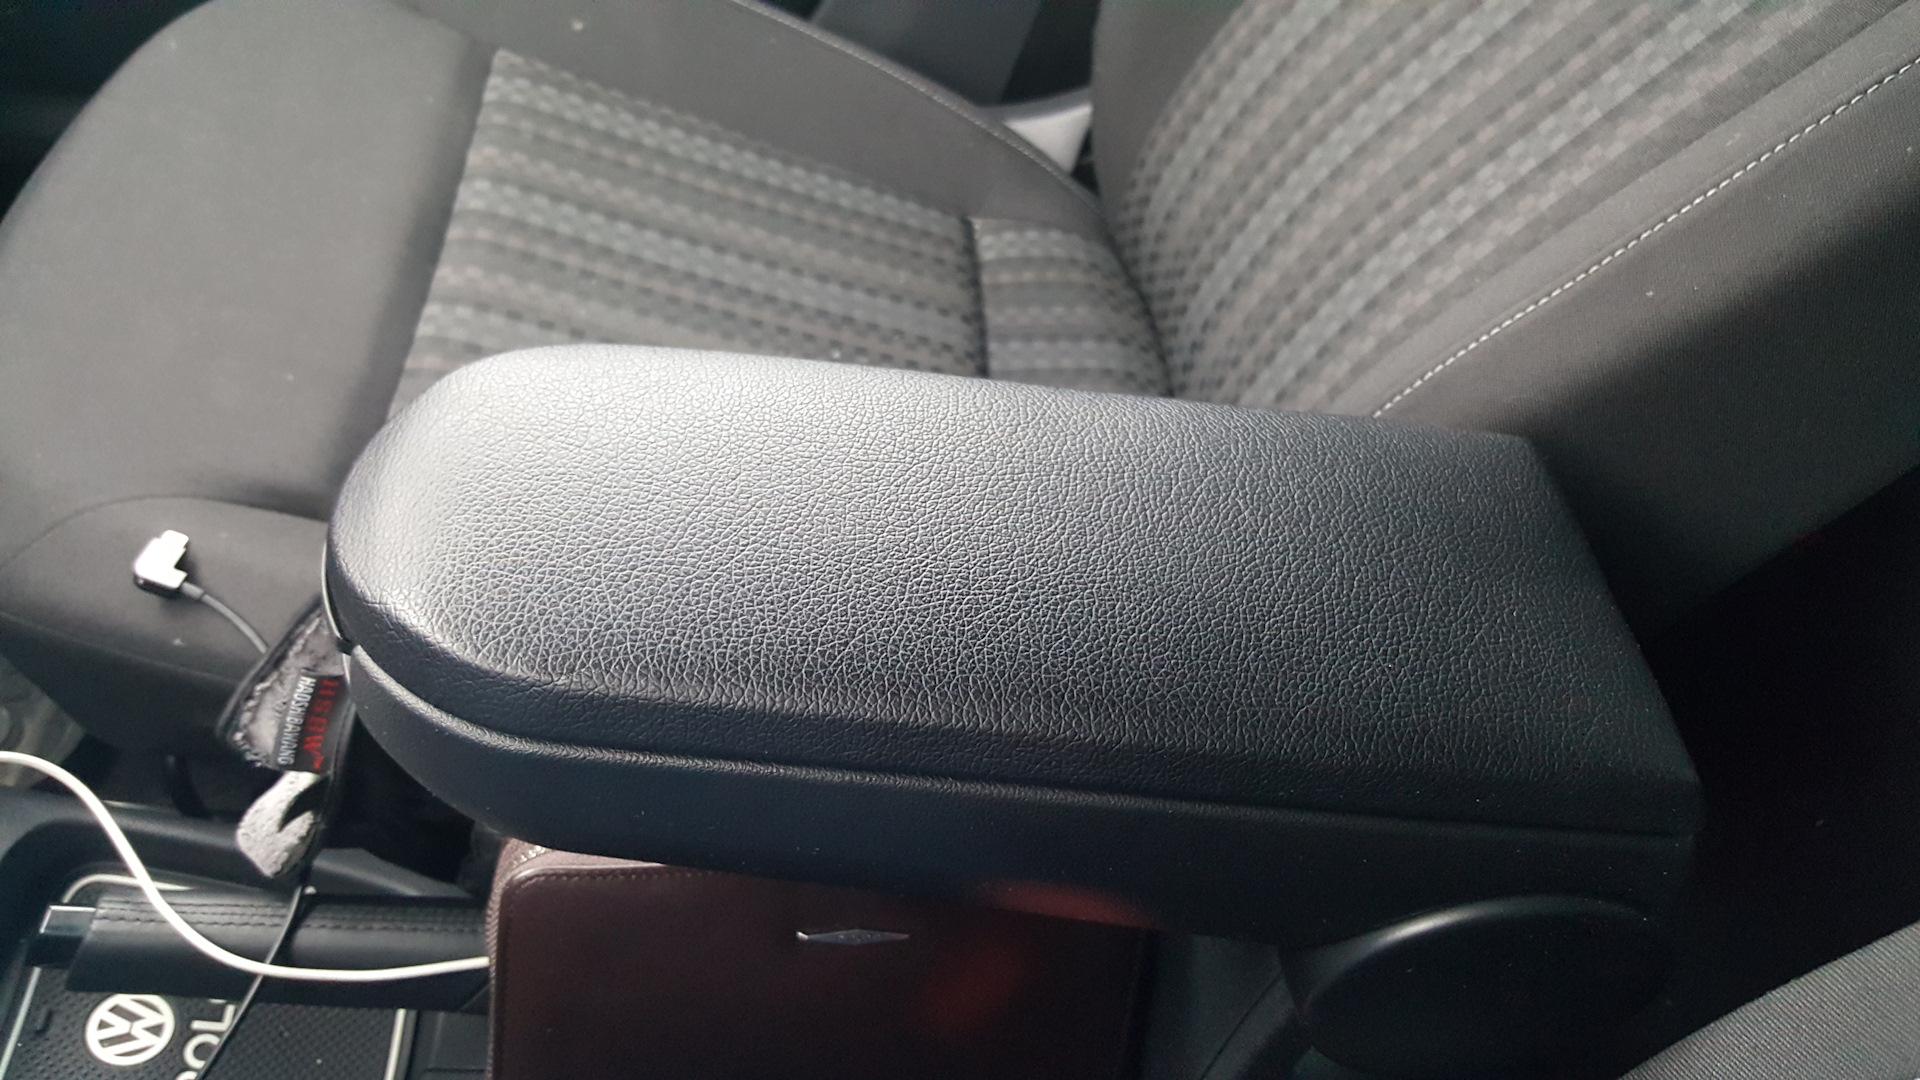 дешевый подлокотник на фольксваген поло седан